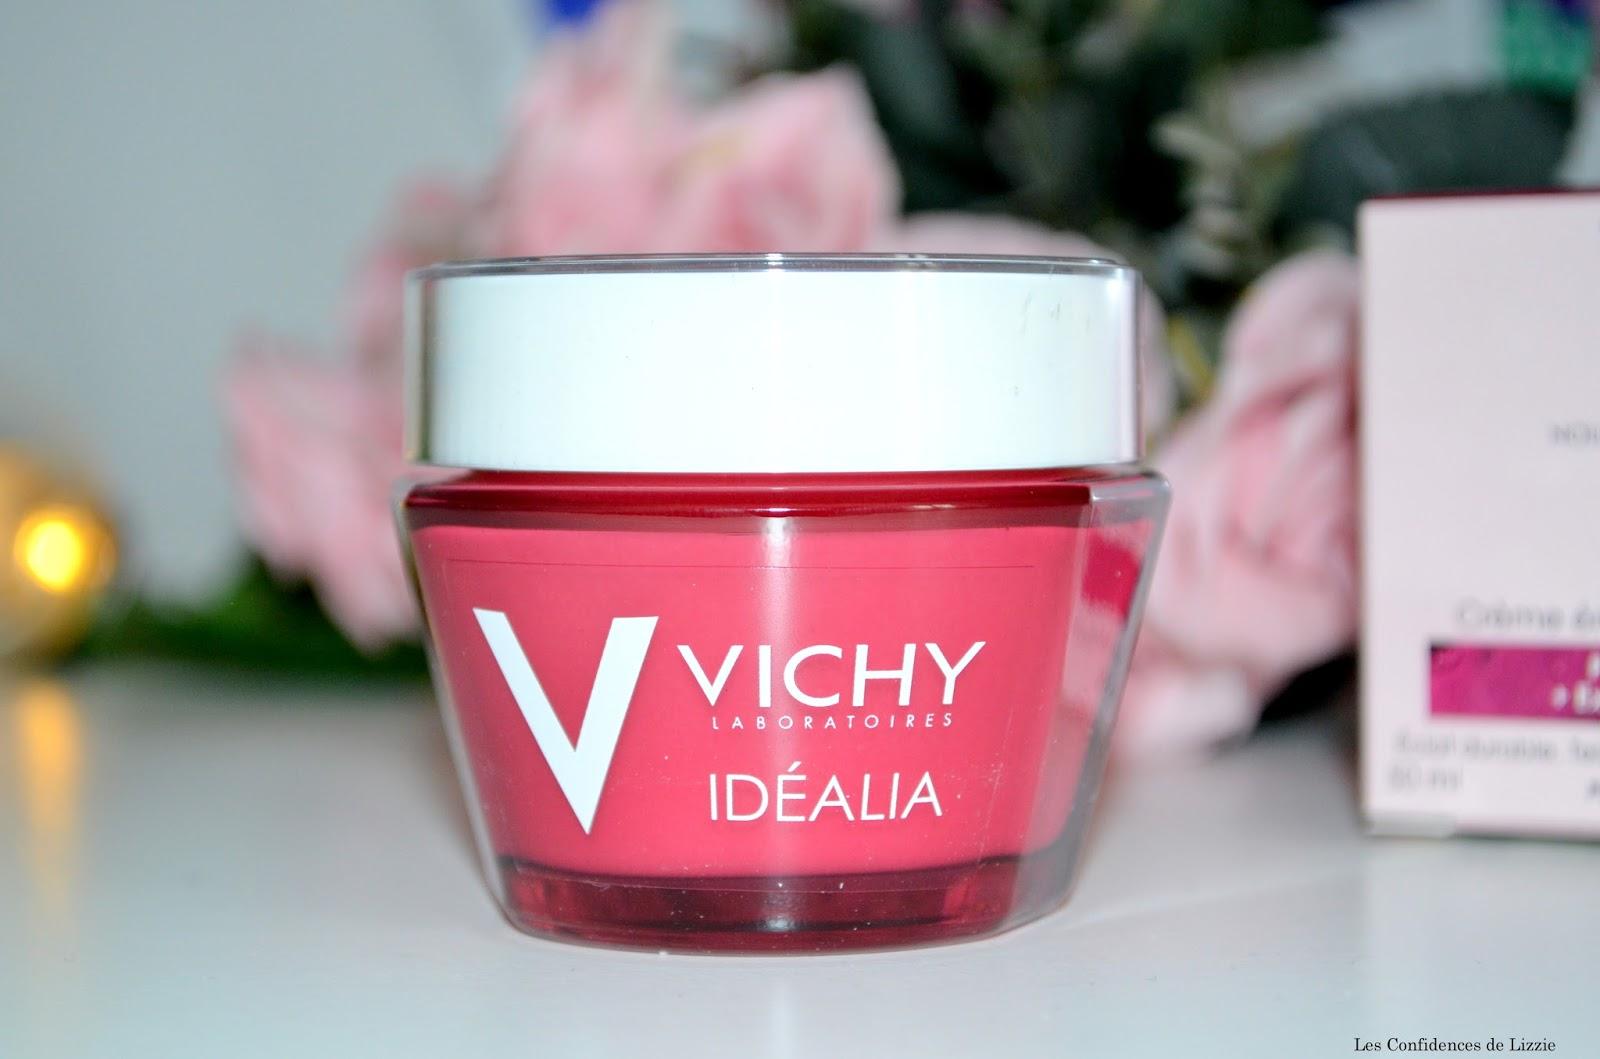 Vichy - cosmétique français - peeling doux - soin - soin cosmétique - peau lissée - peau redynamisée - crème de jour - crème de jour hydratante - soin hydratant